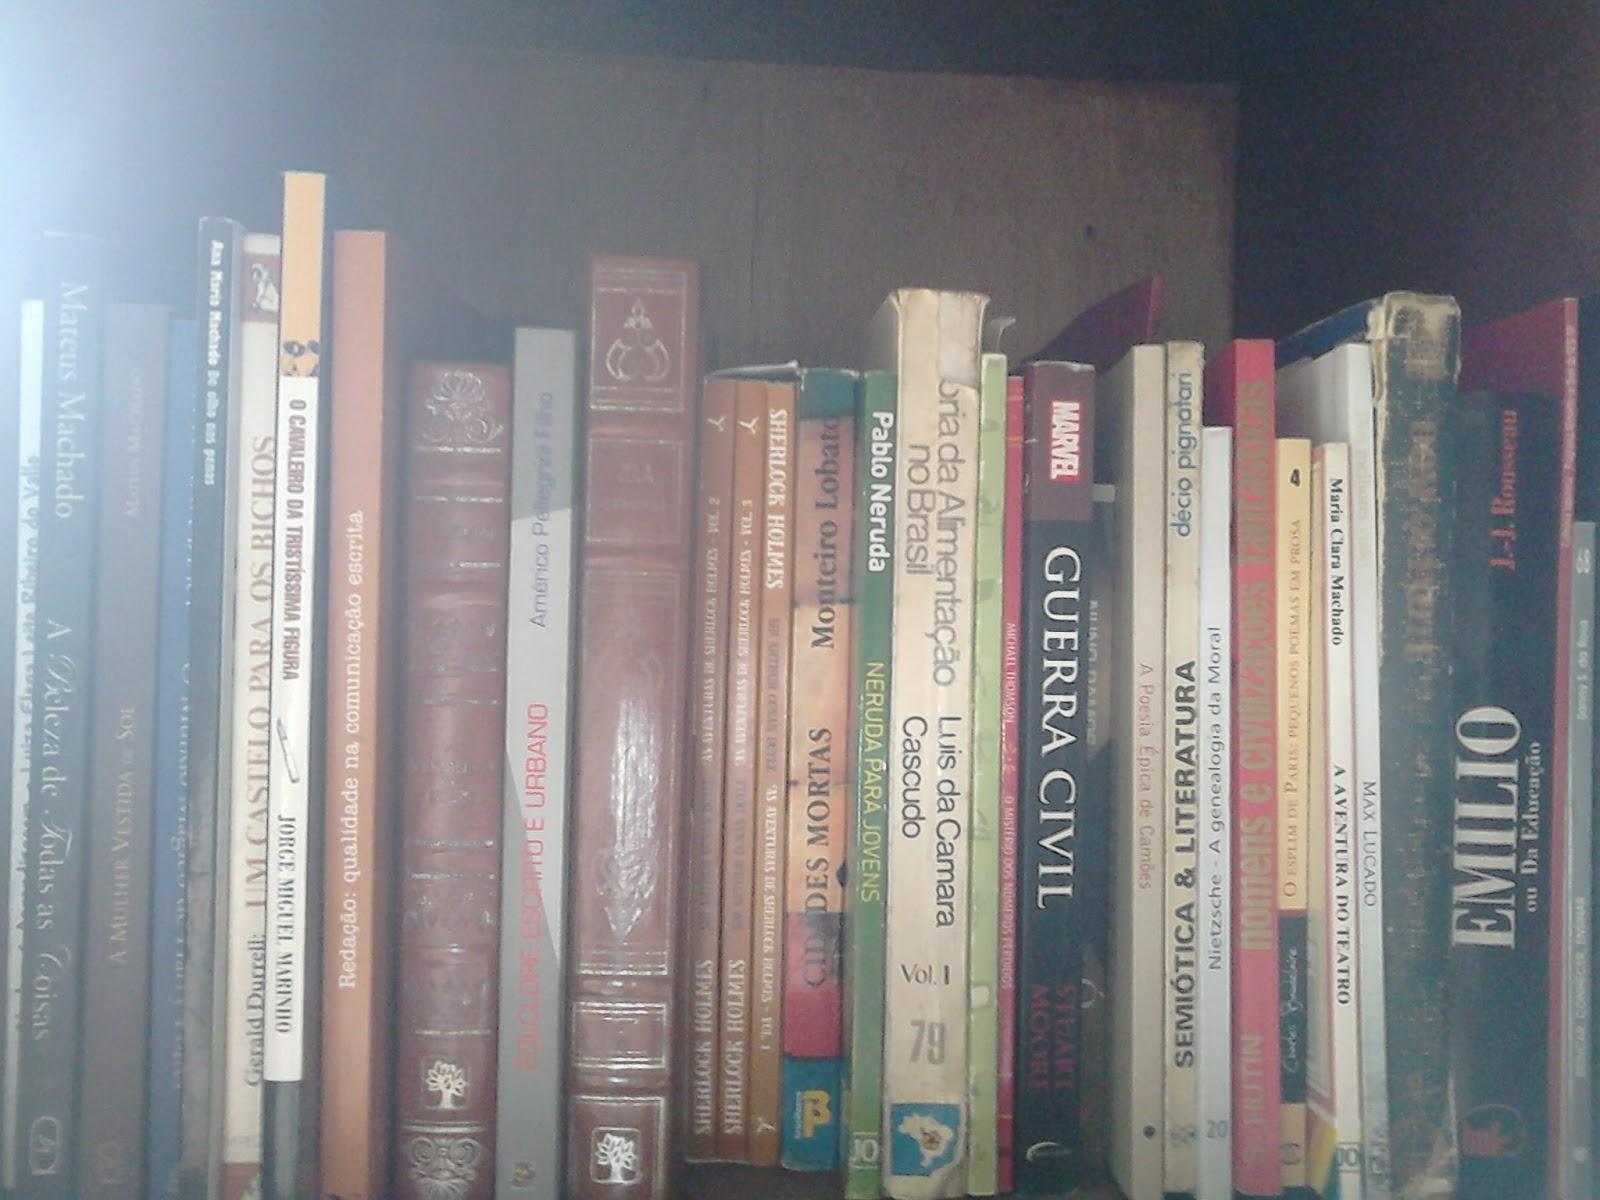 625df10af Na verdade, pra mim, é muito mais fácil trocar um livro que ainda não li do  que o que eu já li, porque depois que leio um livro, sei lá, parece que a